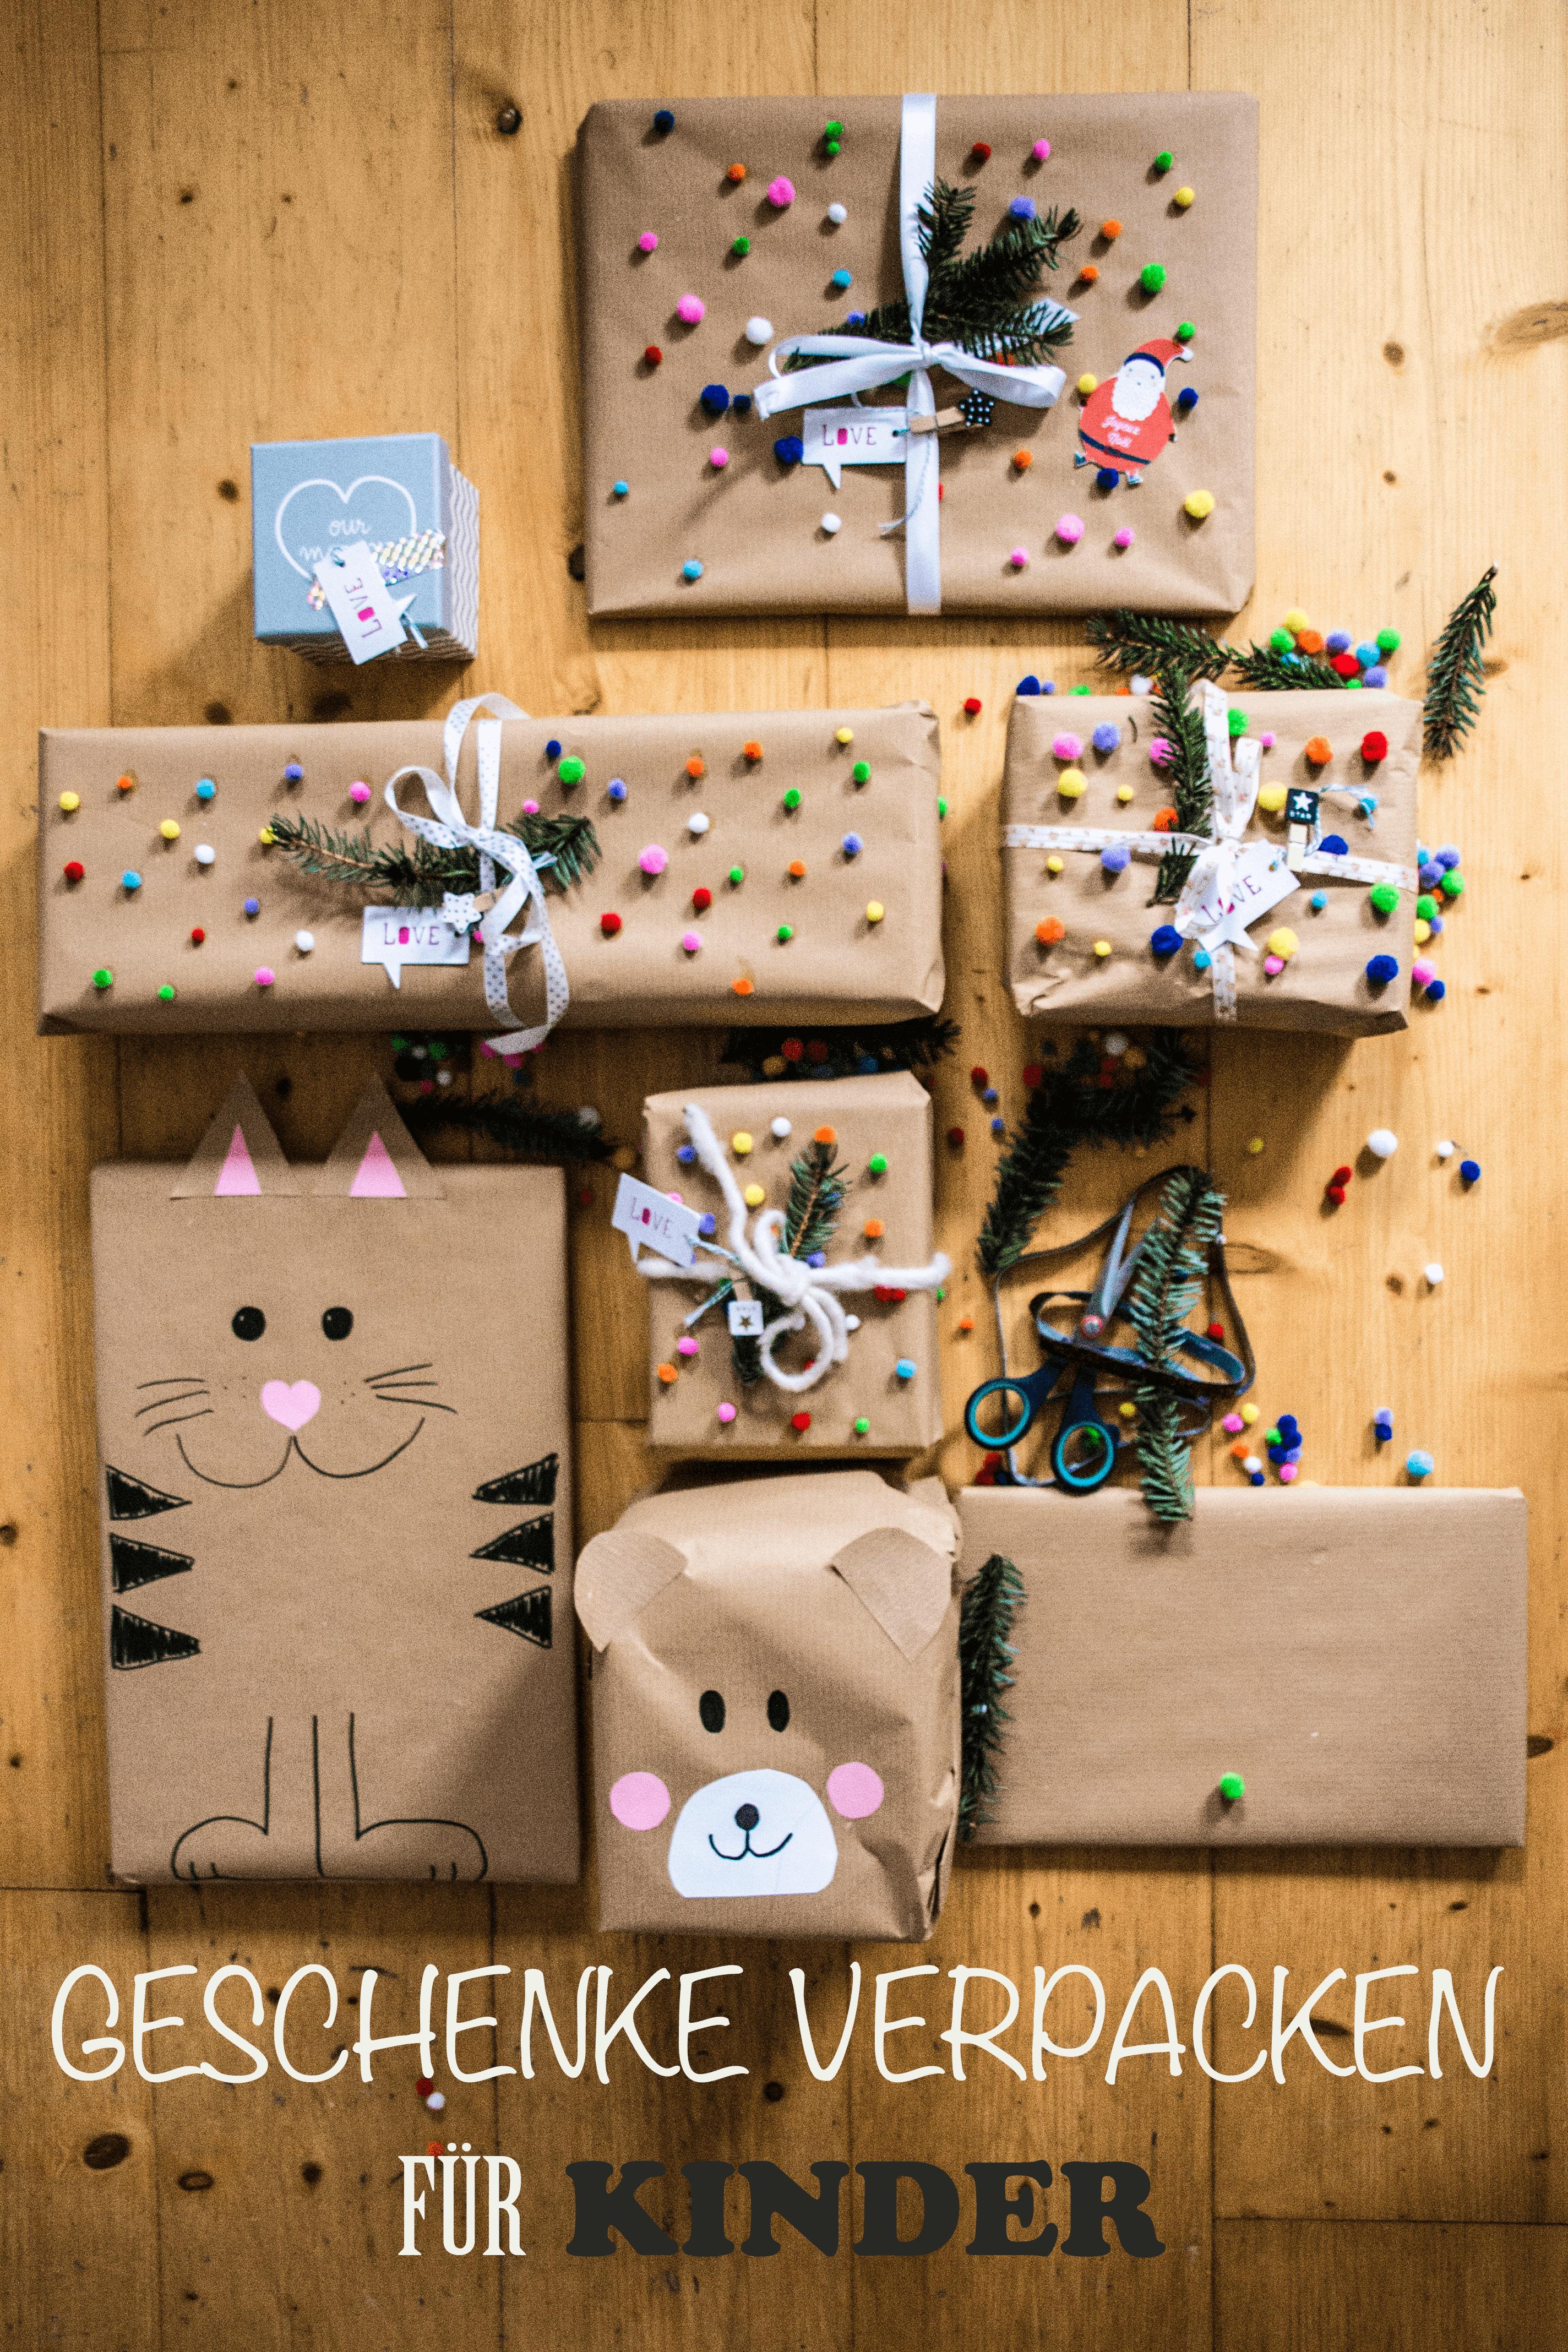 Weihnachtsgeschenke Verpacken Für Kinder Frau Zuckerstein